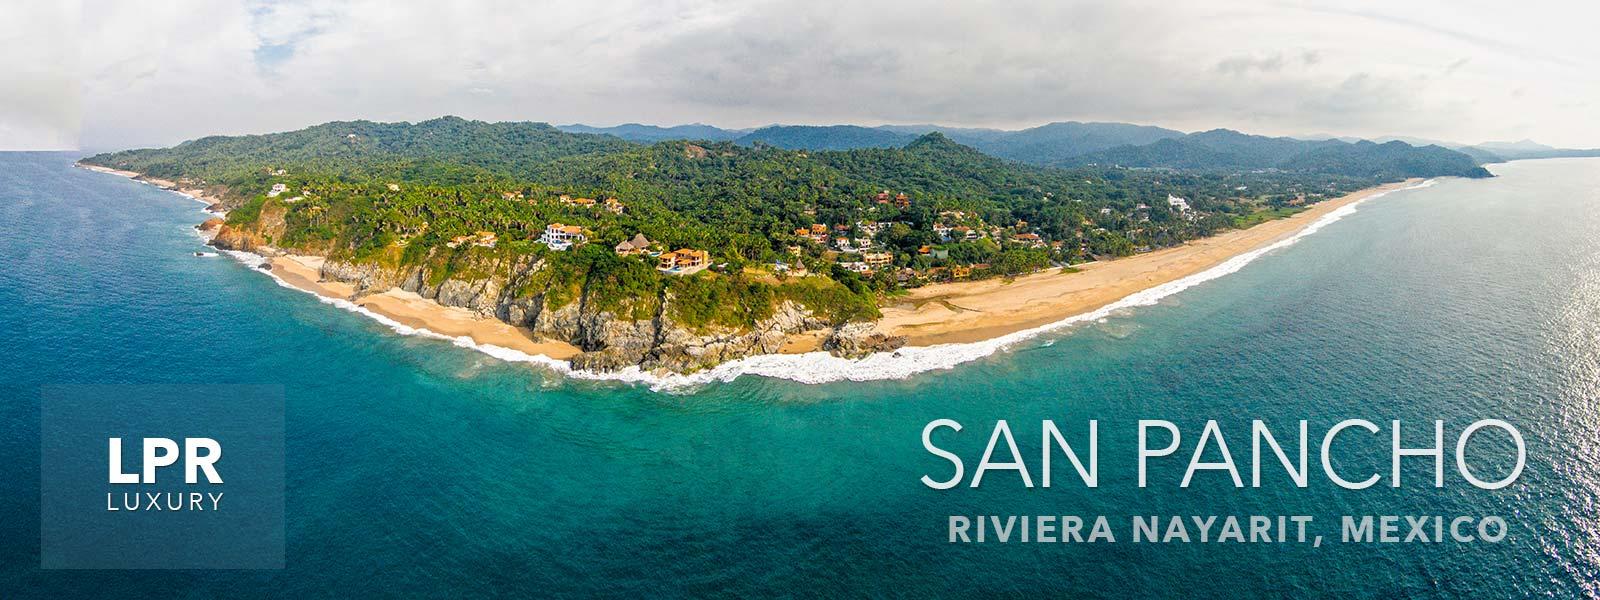 San Pancho Real Estate And Vacation Rentals